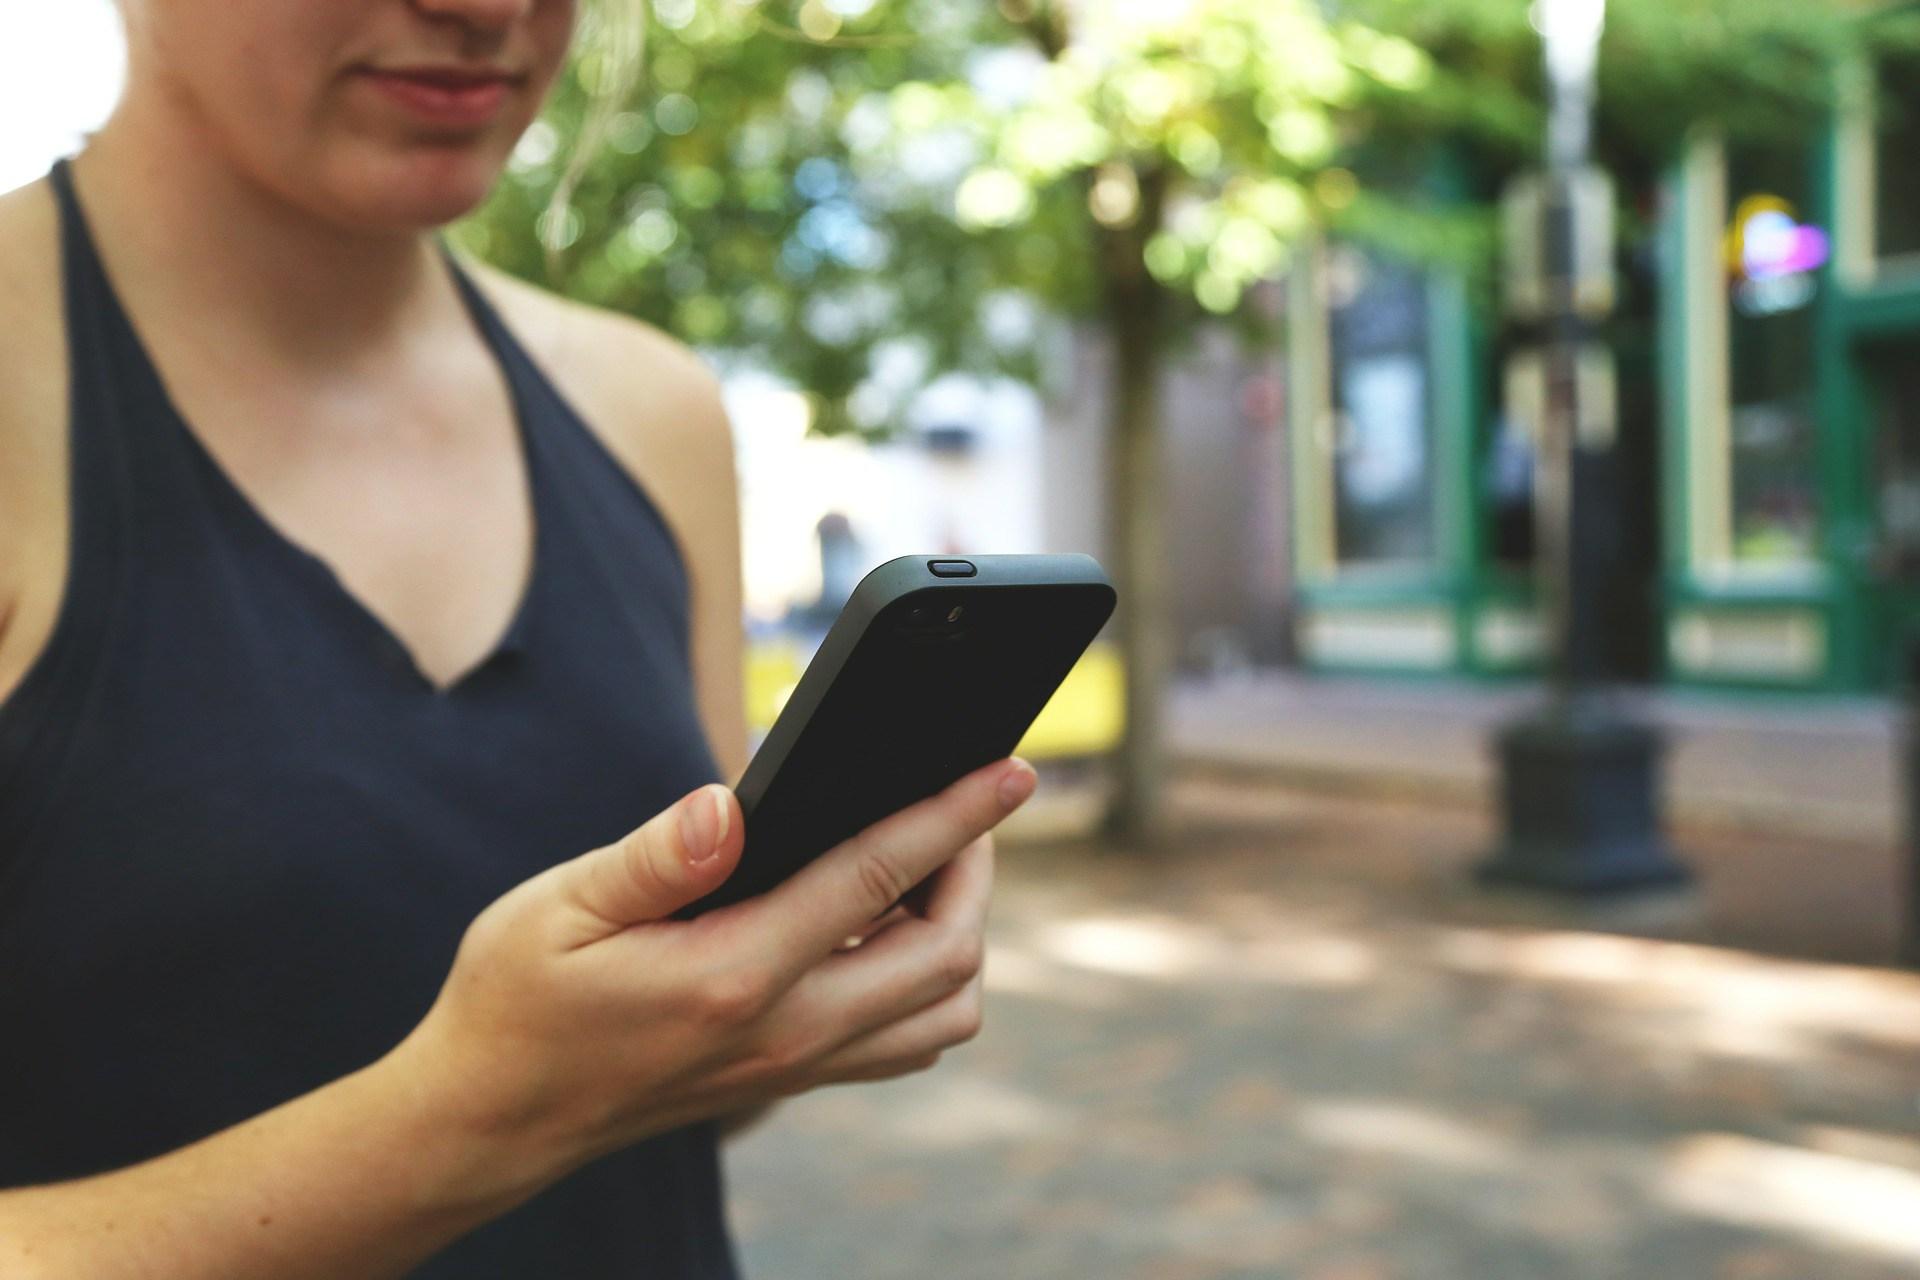 Offerte telefonia mobile per Partite IVA: le migliori di giugno 2017